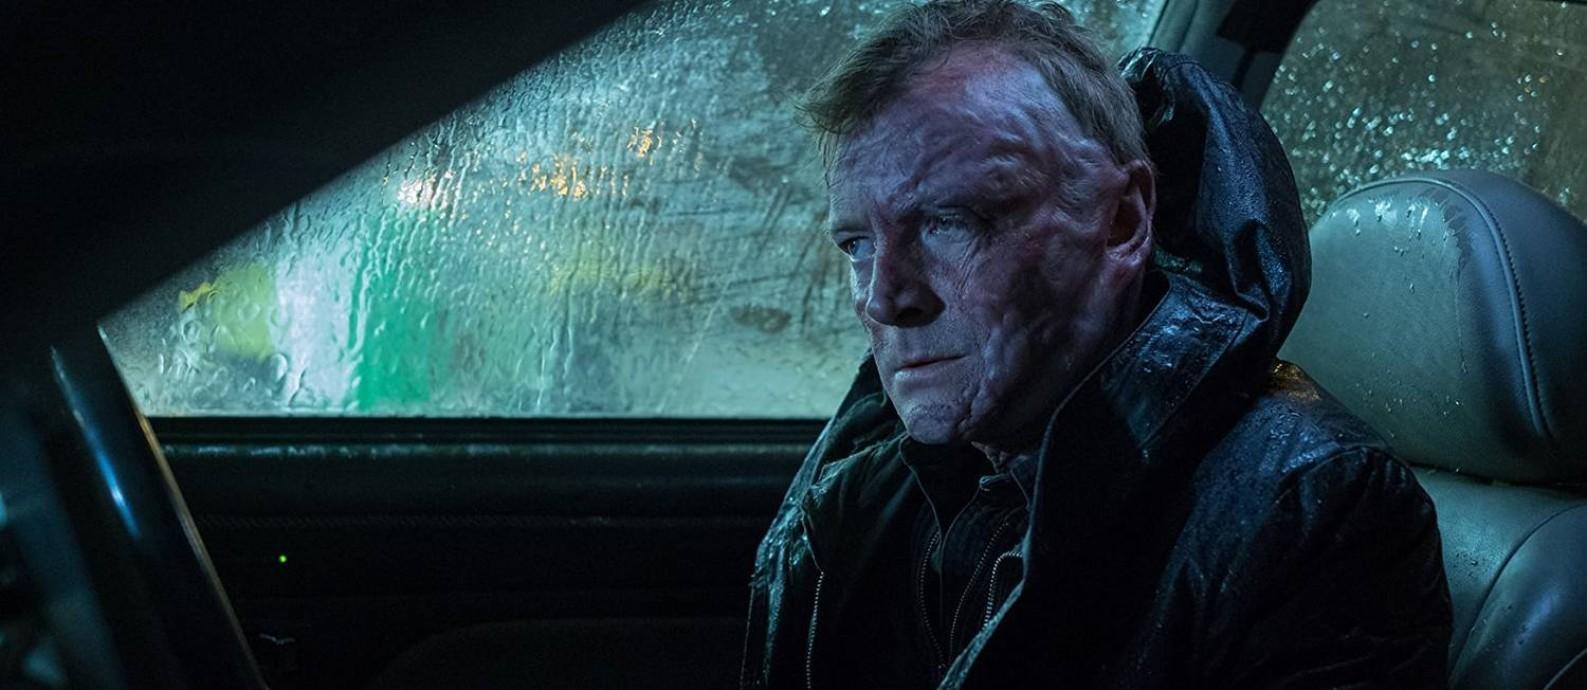 O ator Richard Dormer, que também atua em 'Game of thrones', em cena de 'Rellik' Foto: Divulgação